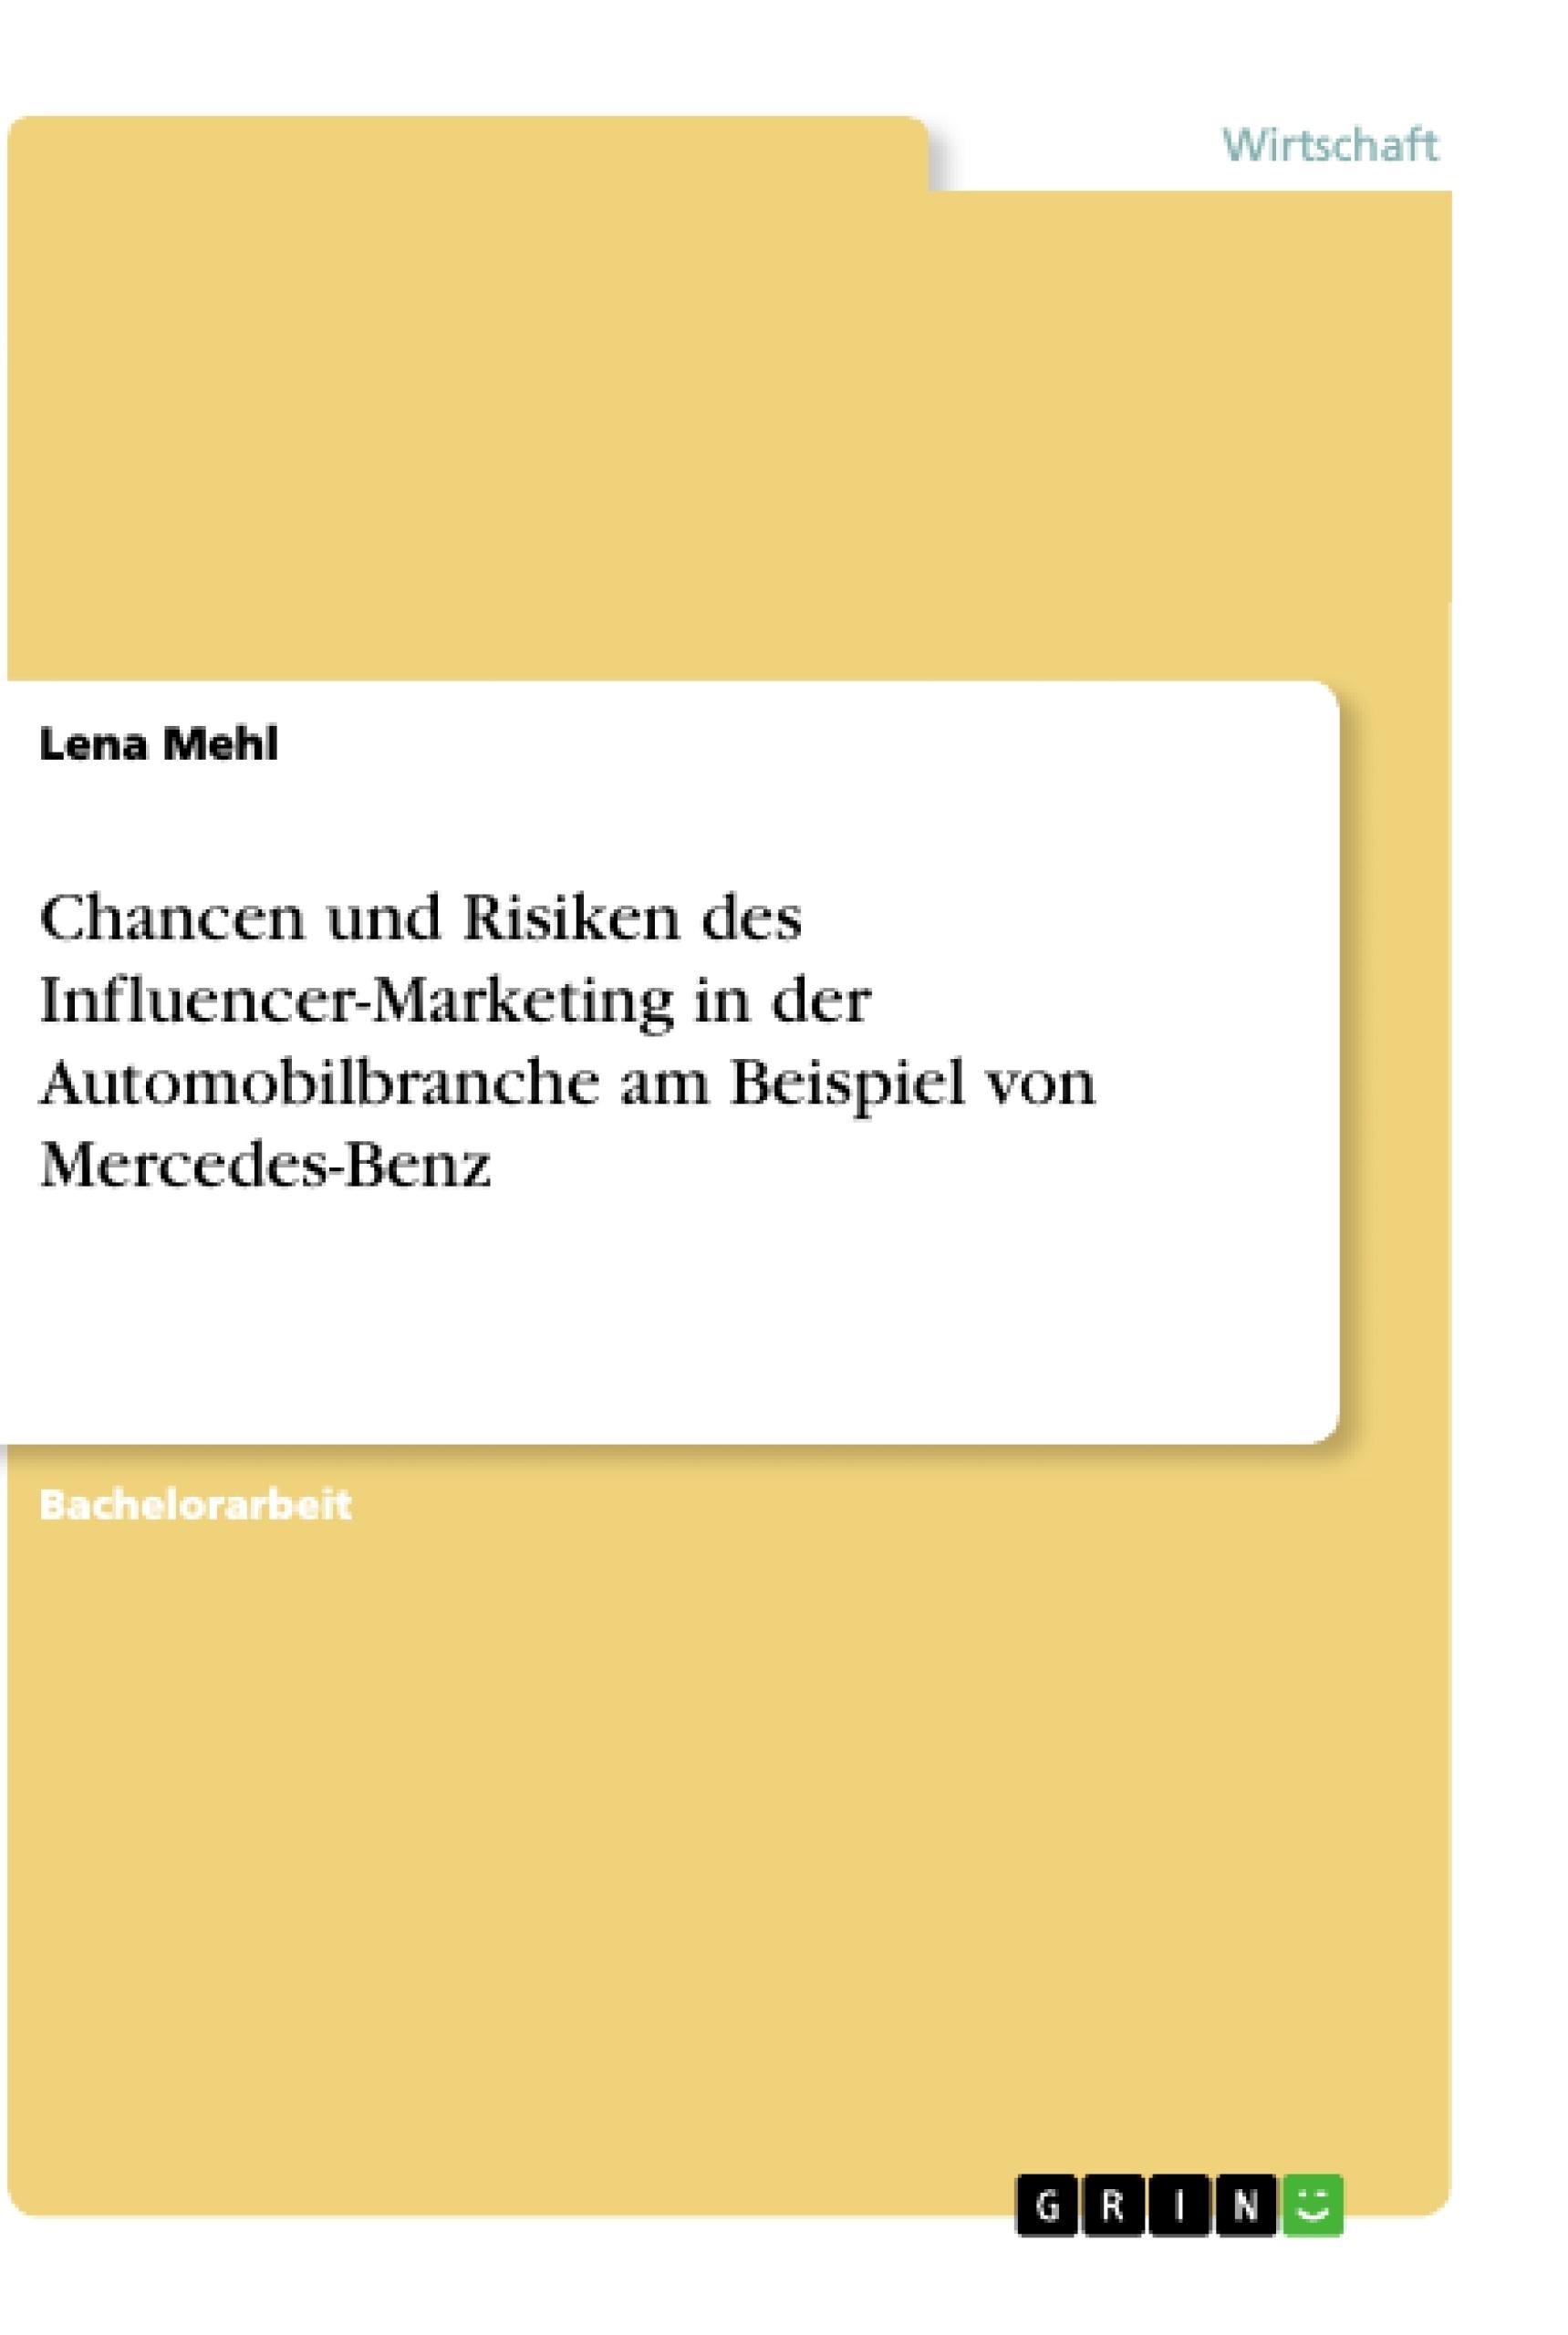 Titel: Chancen und Risiken des Influencer-Marketing in der Automobilbranche am Beispiel von Mercedes-Benz